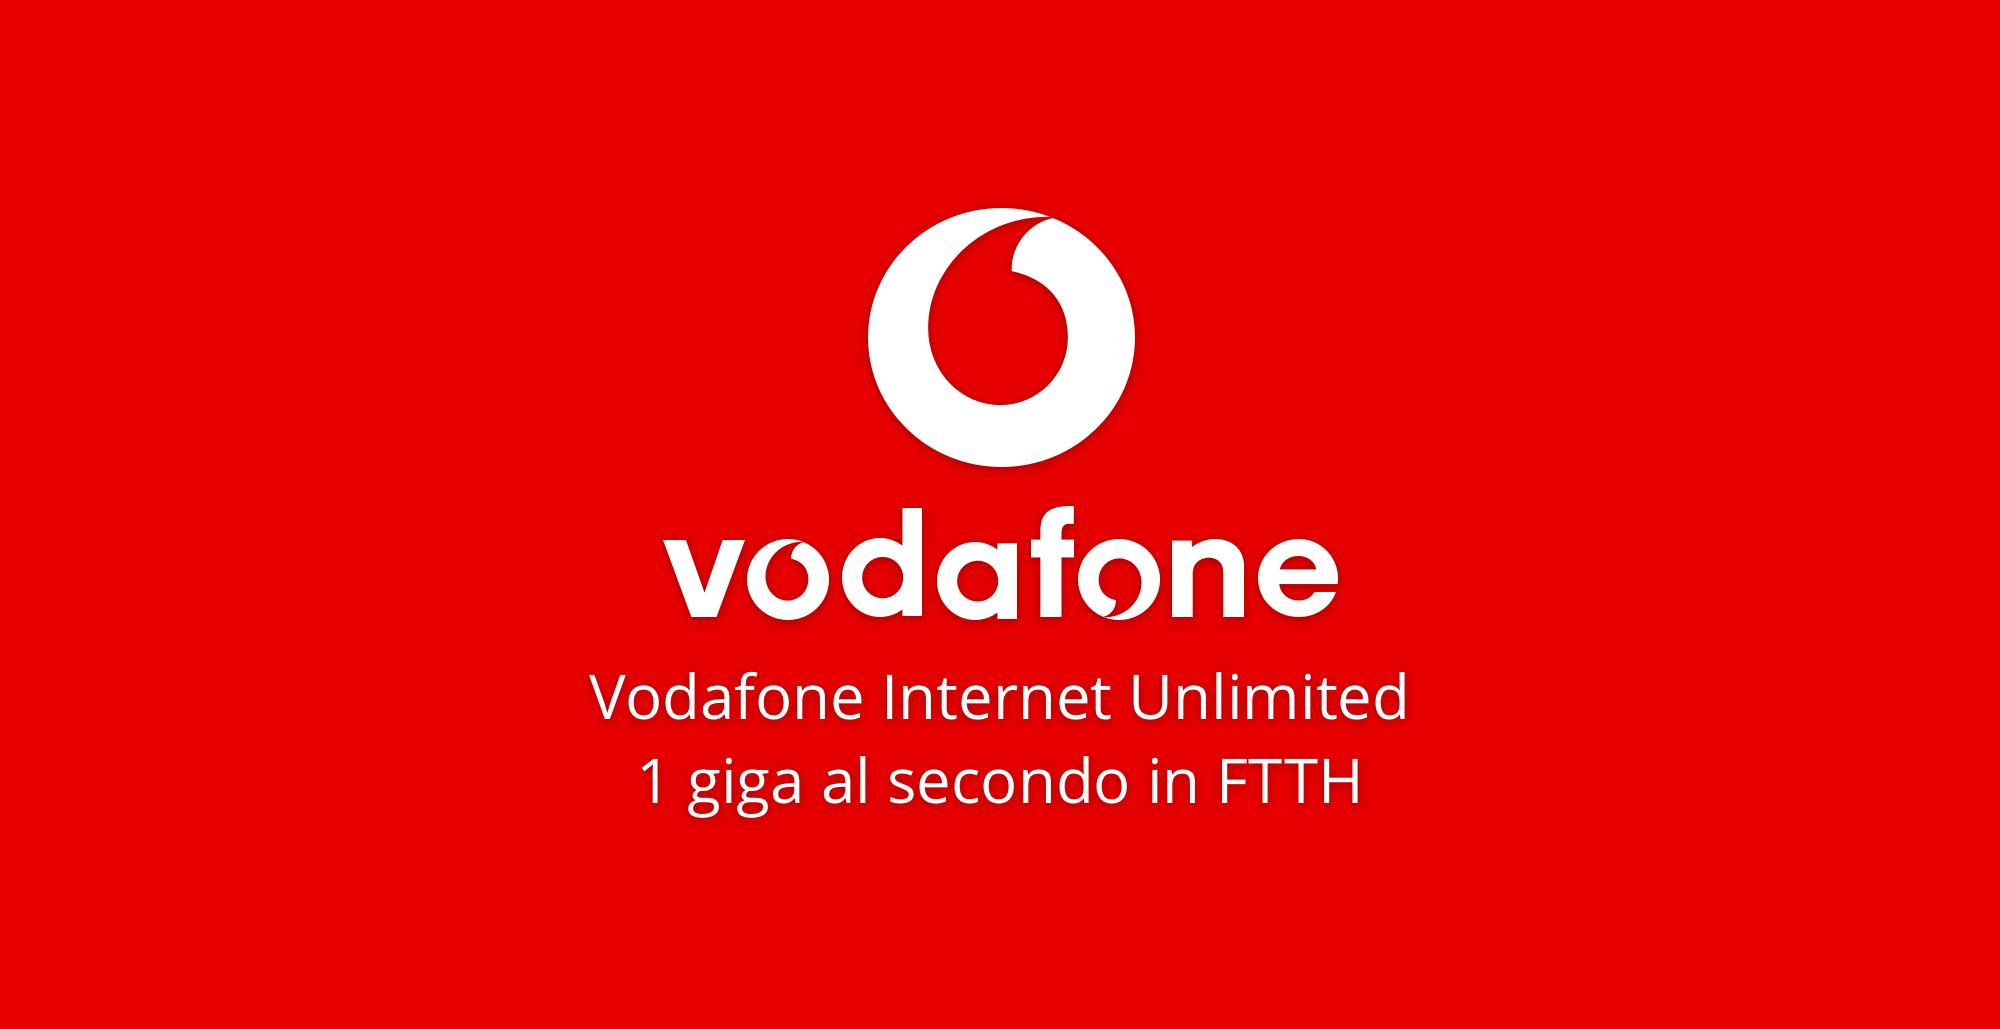 Vodafone Internet Unlimited è l'offerta fibra Vodafone più conveniente del momento. Fino a un giga al secondo, modem wifi incluso, navigazione fuori casa.